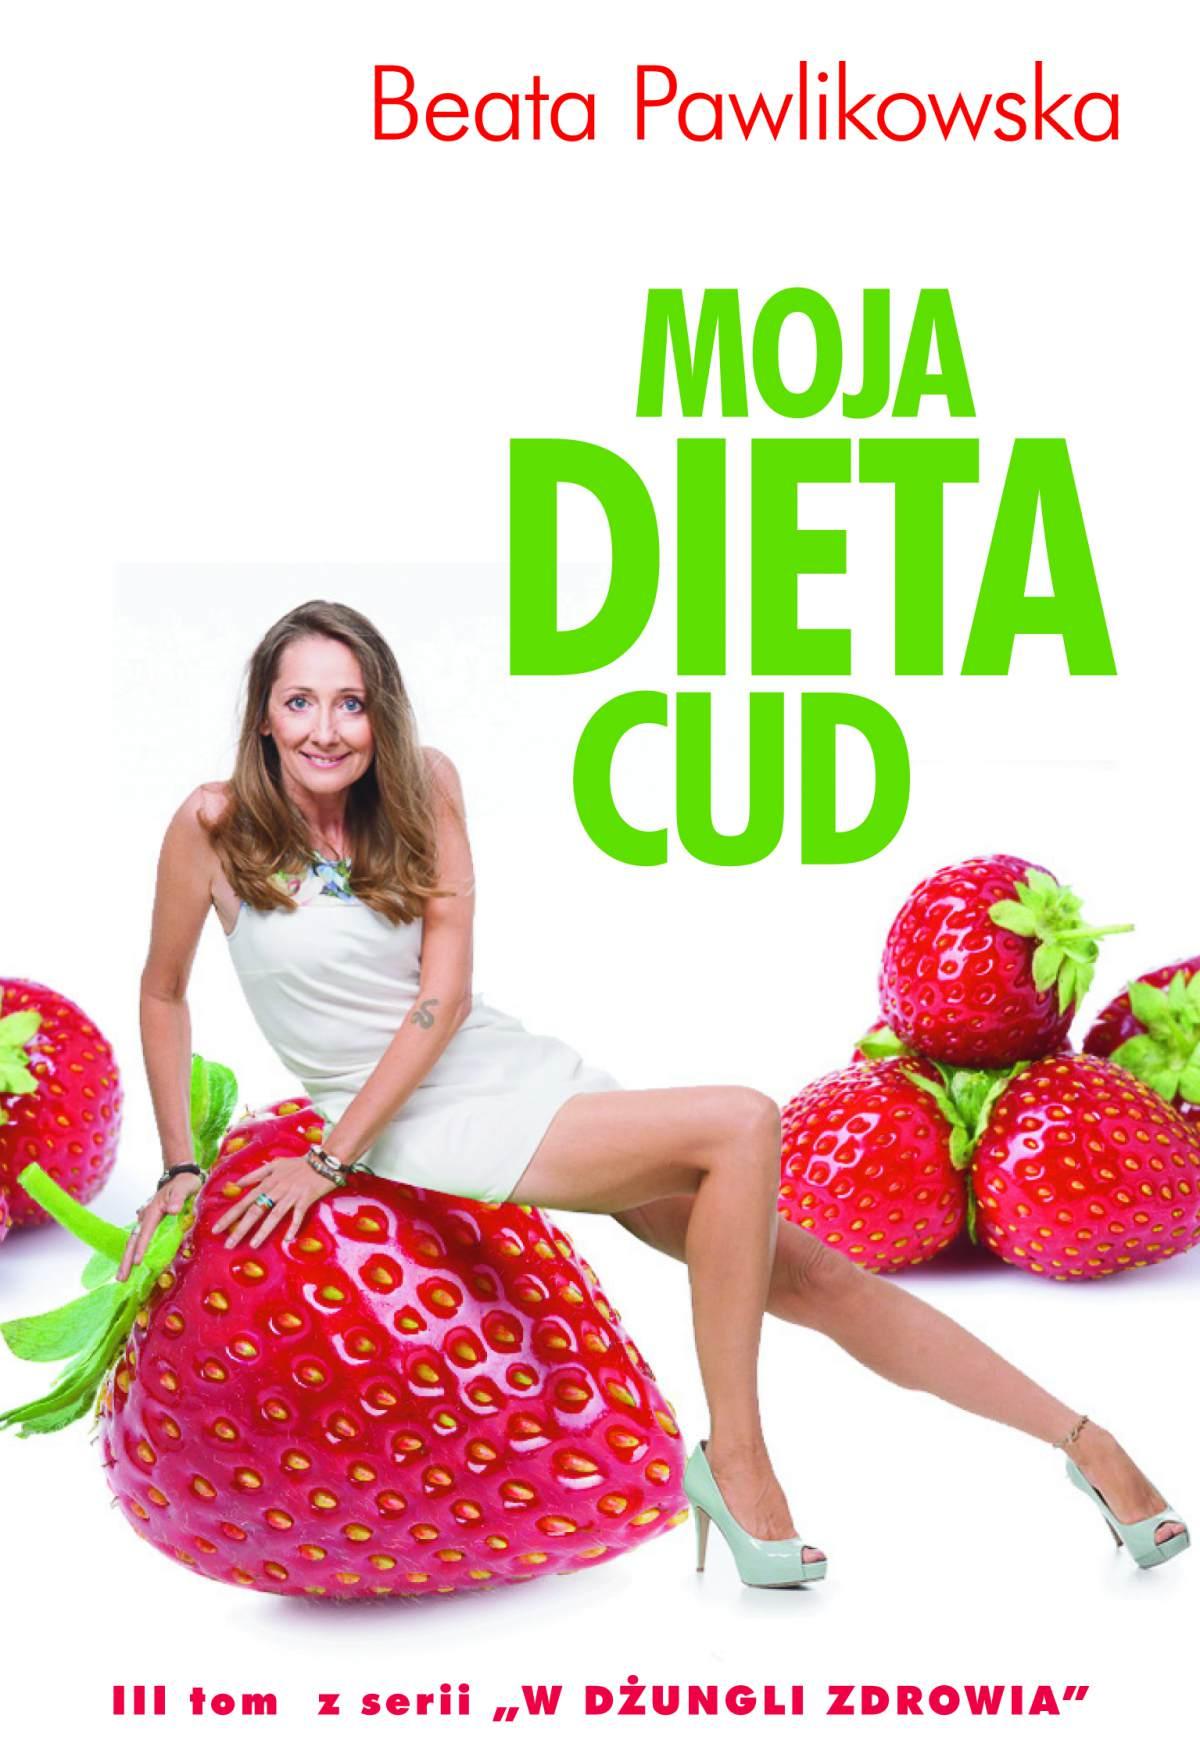 Moja dieta cud - Ebook (Książka EPUB) do pobrania w formacie EPUB